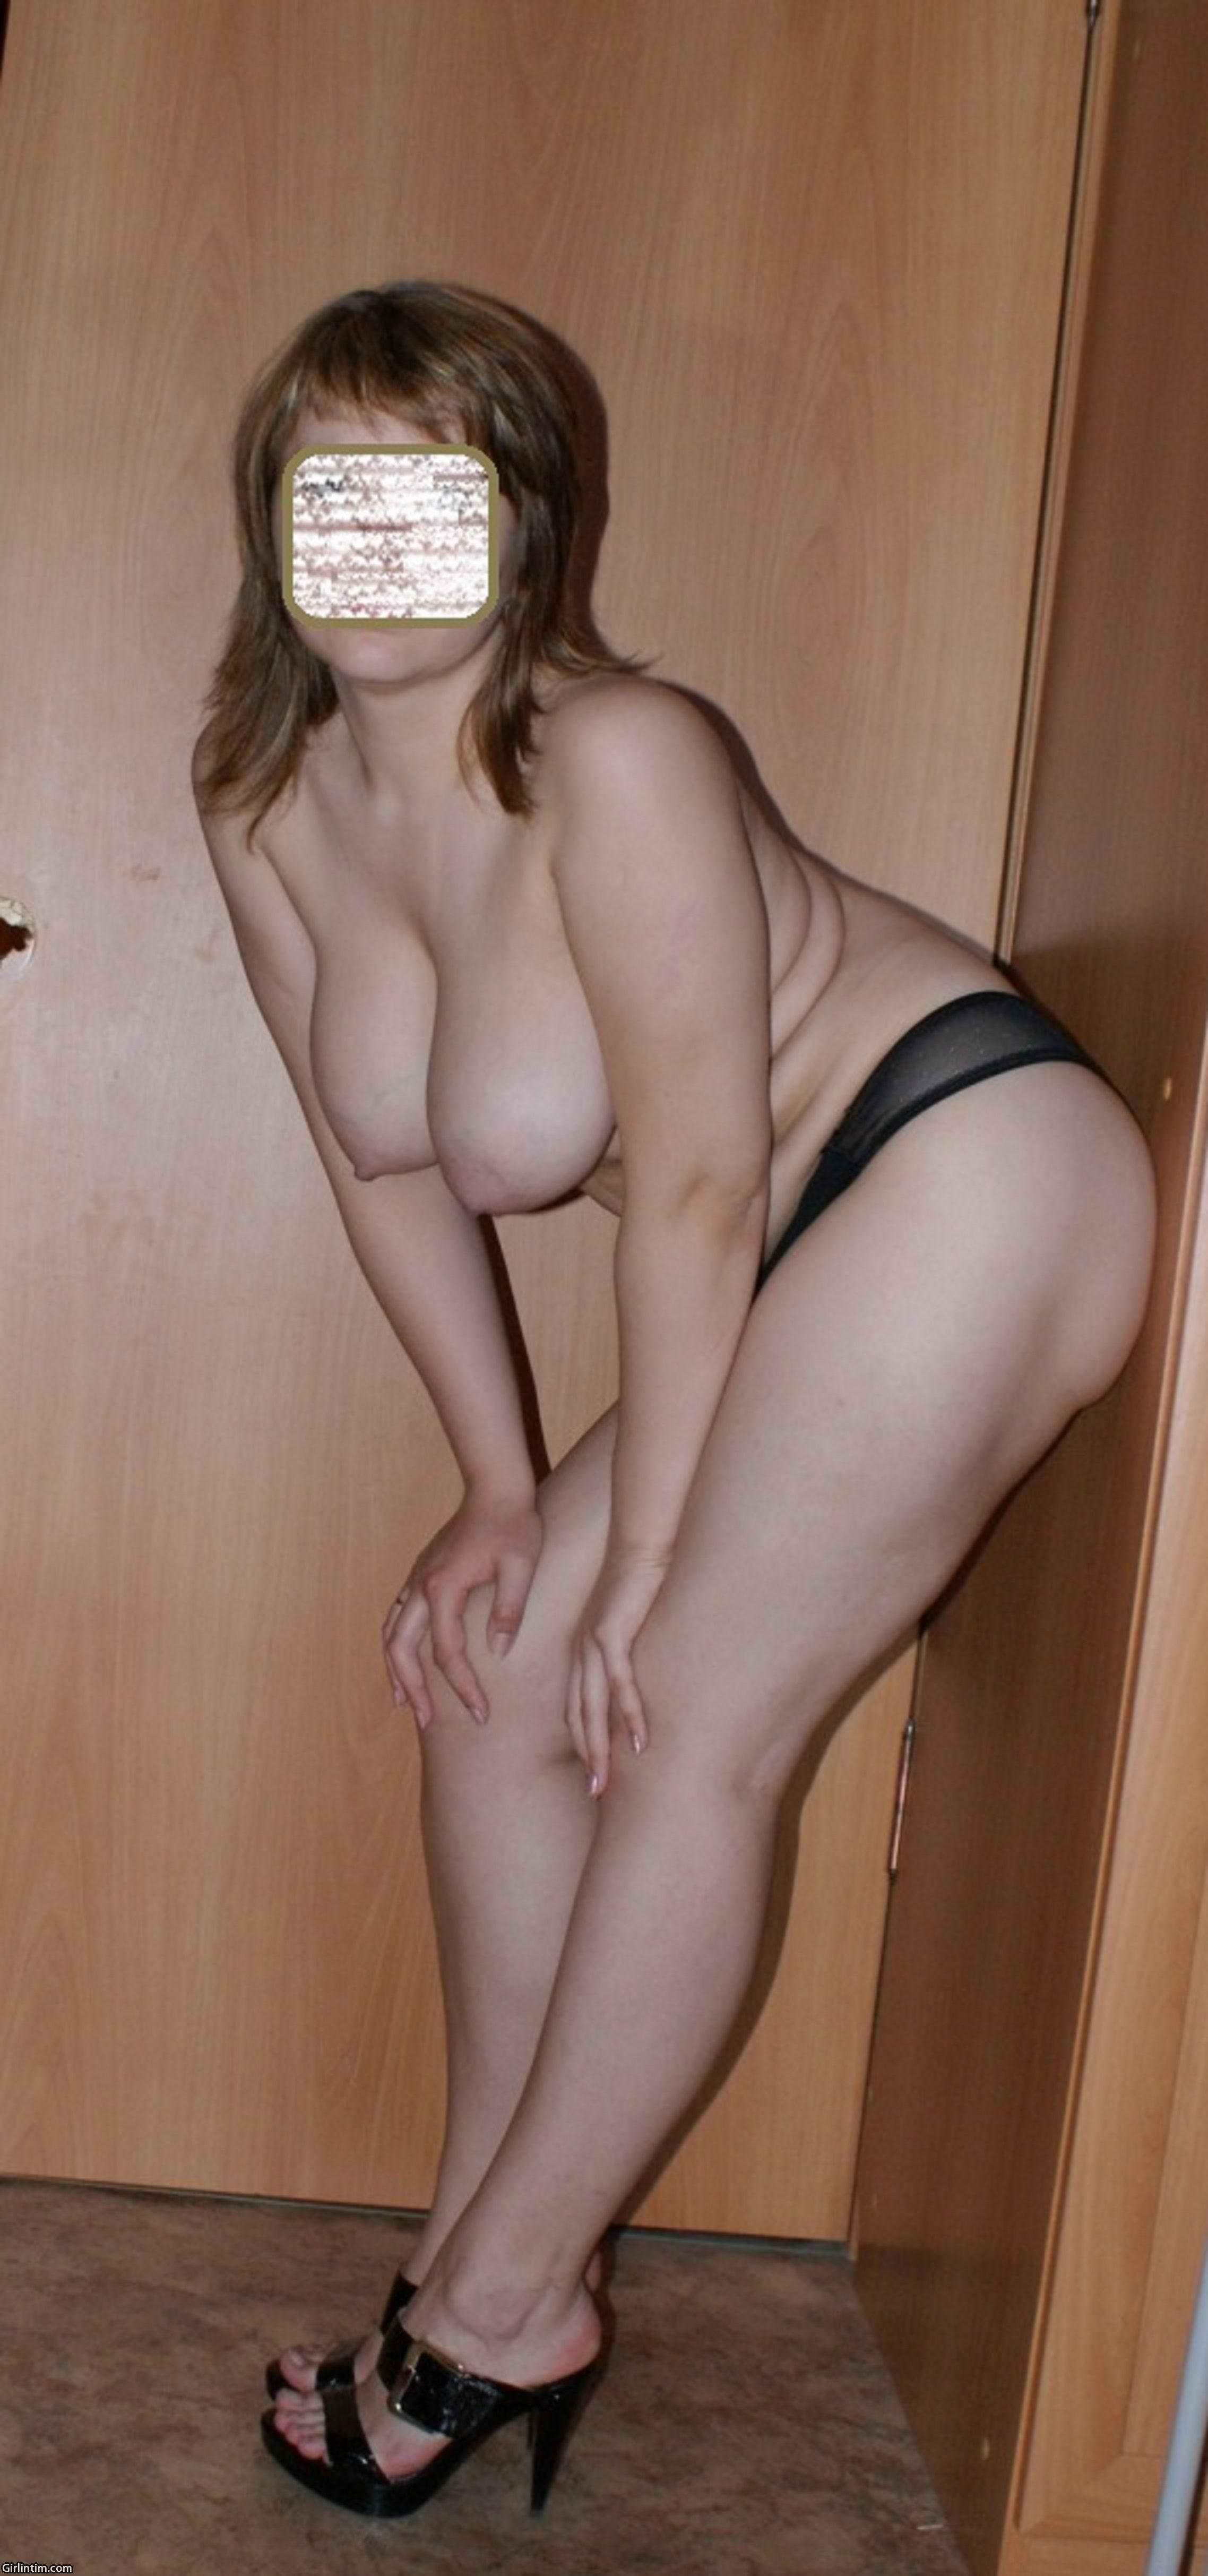 Лесбиянка соблазняет натуралку  Pornhubcom